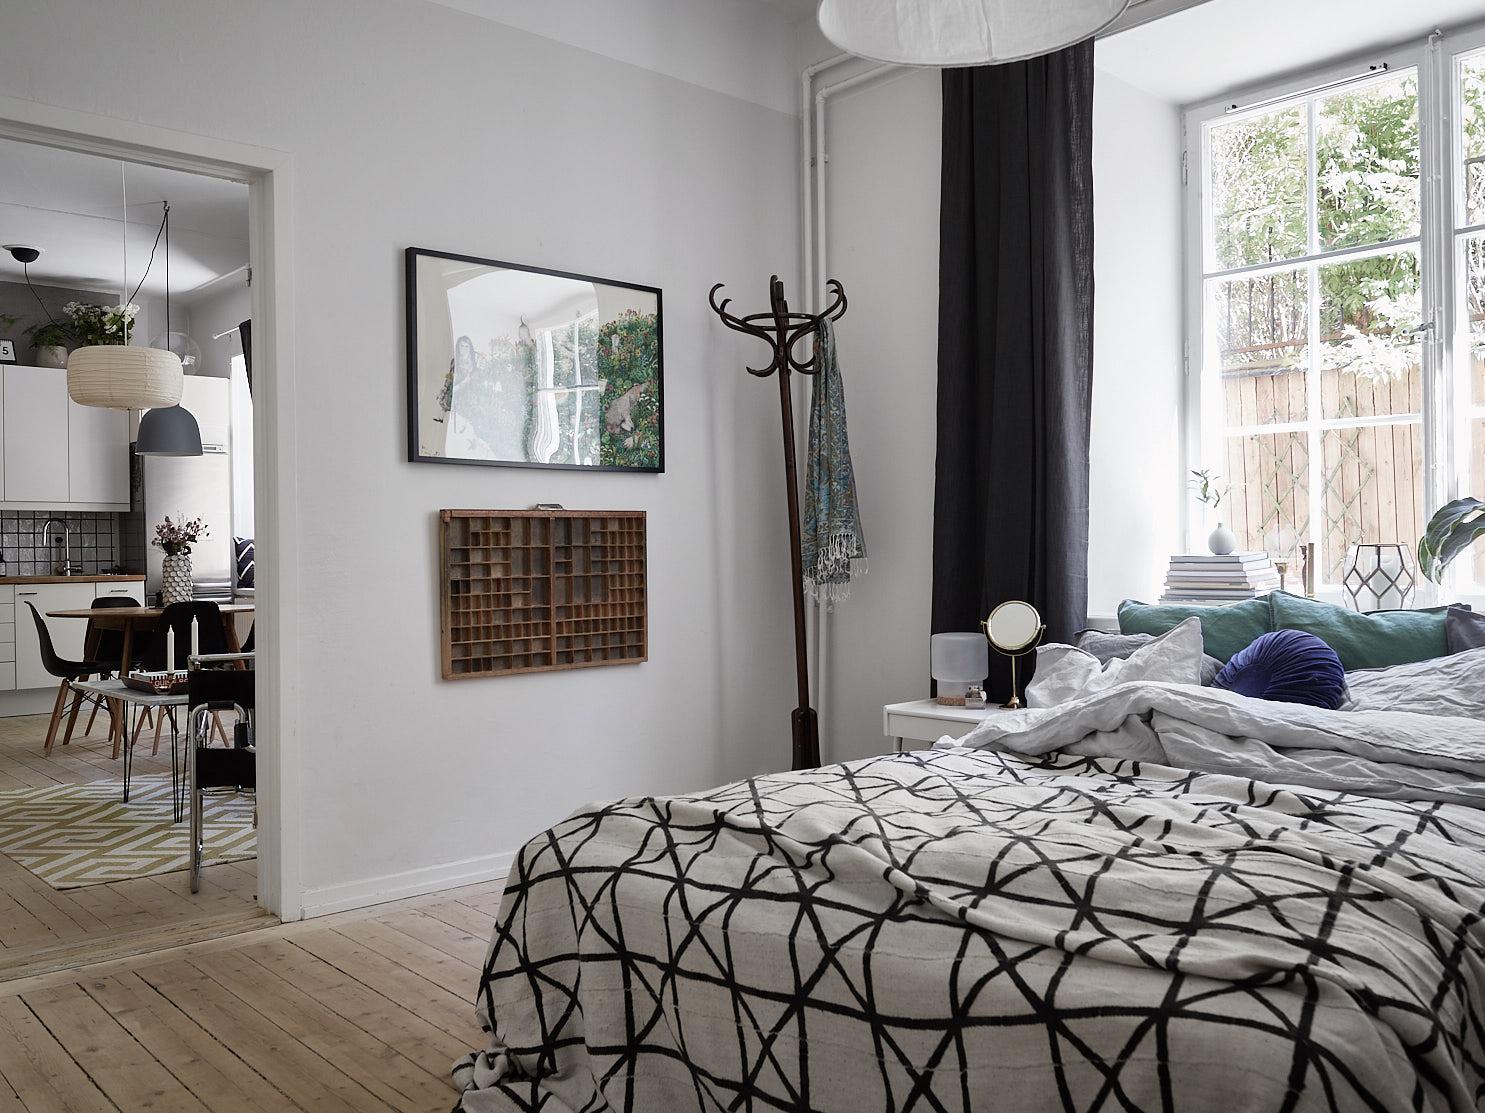 спальня кровать напольная вешалка